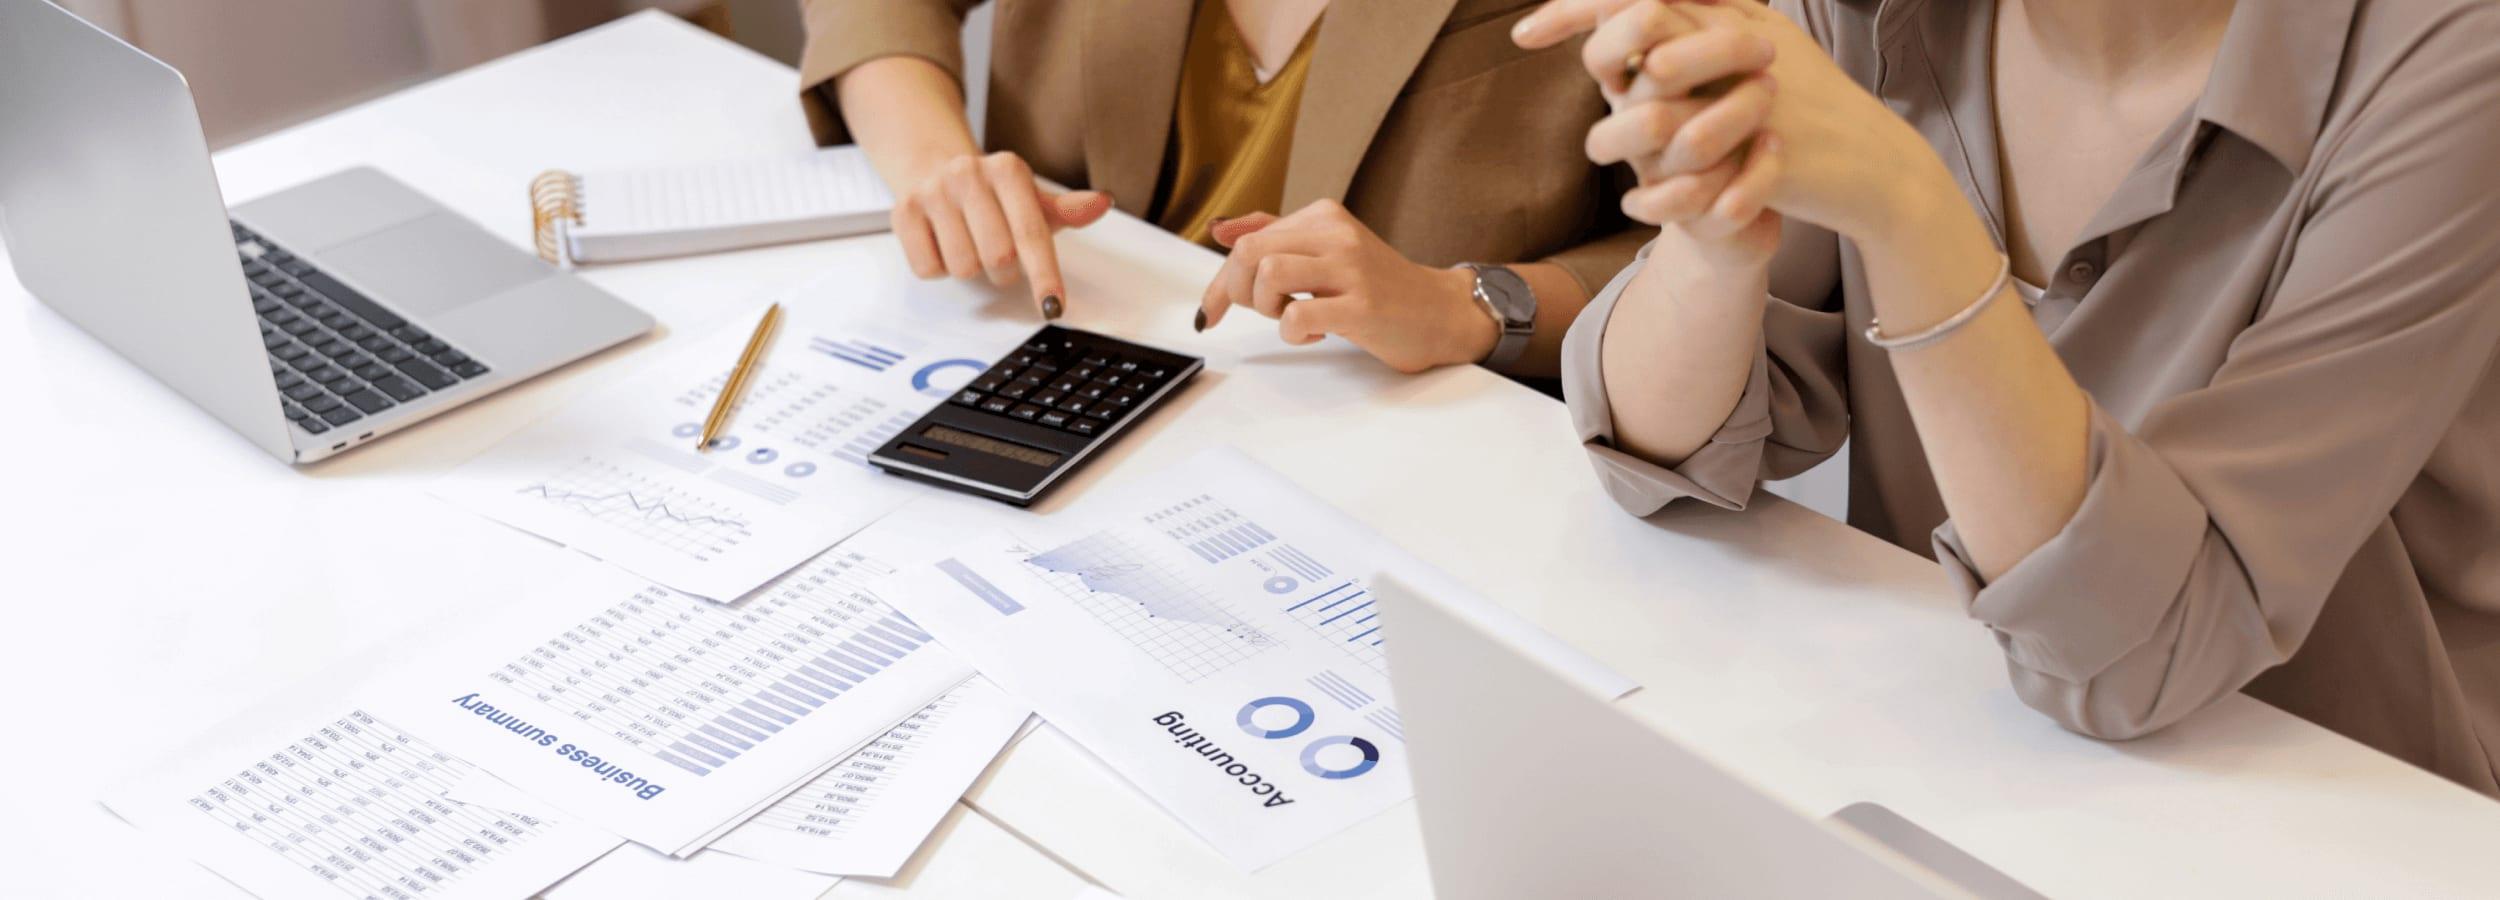 Création d'entreprise en Belgique : nos conseils pour un business plan réussi.